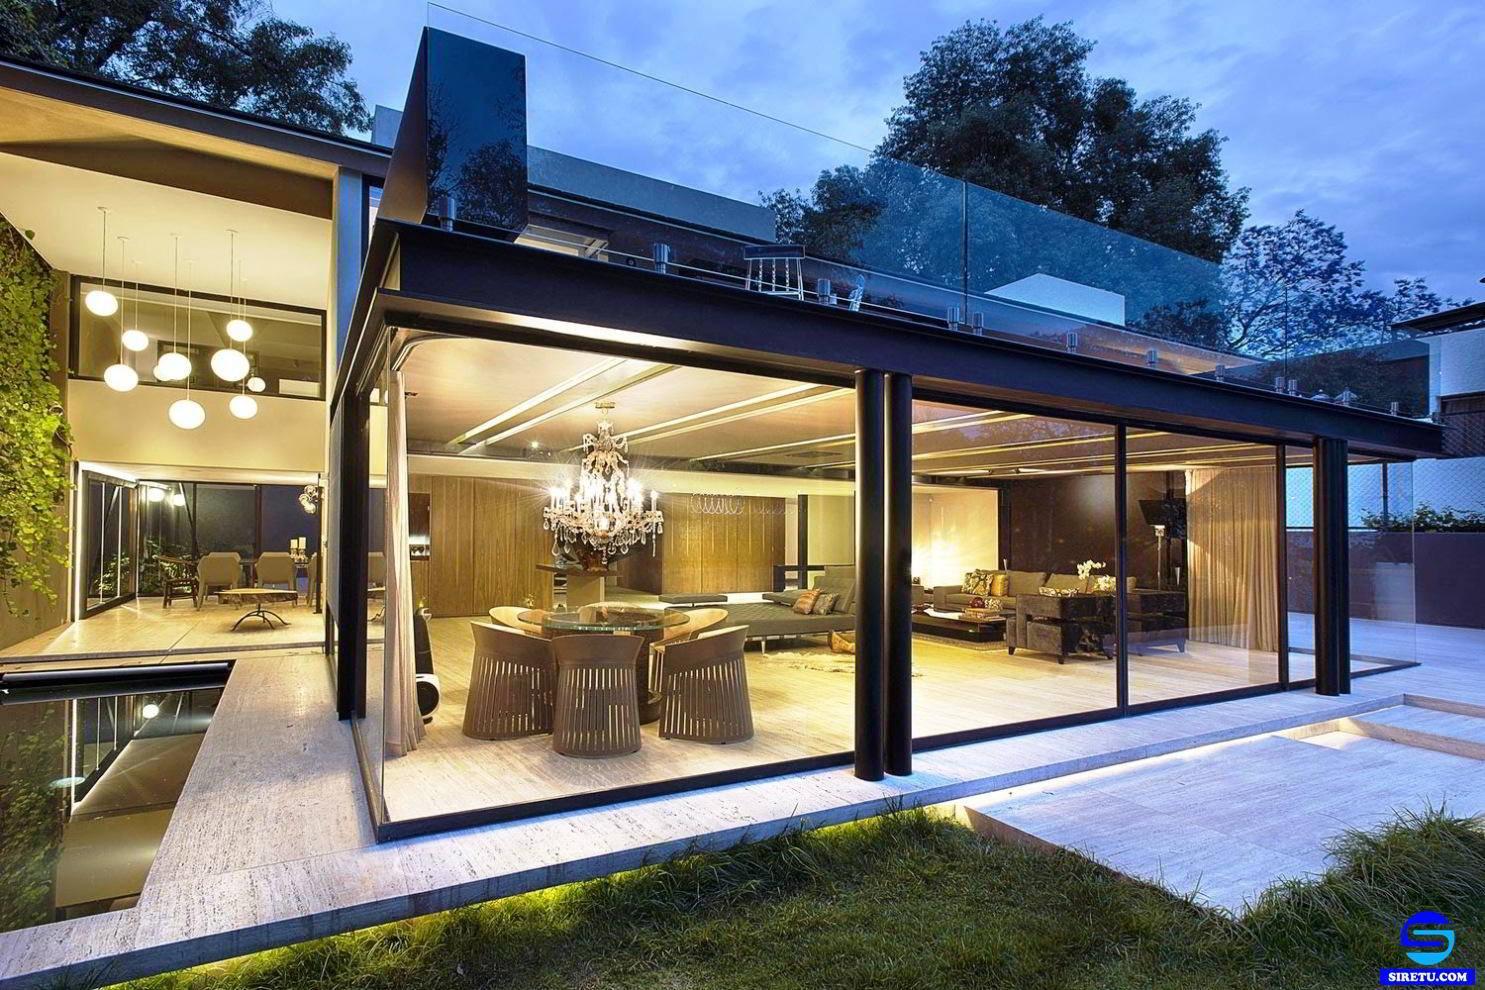 Galeri Desain Rumah Full Kaca Terunik Papan Interior